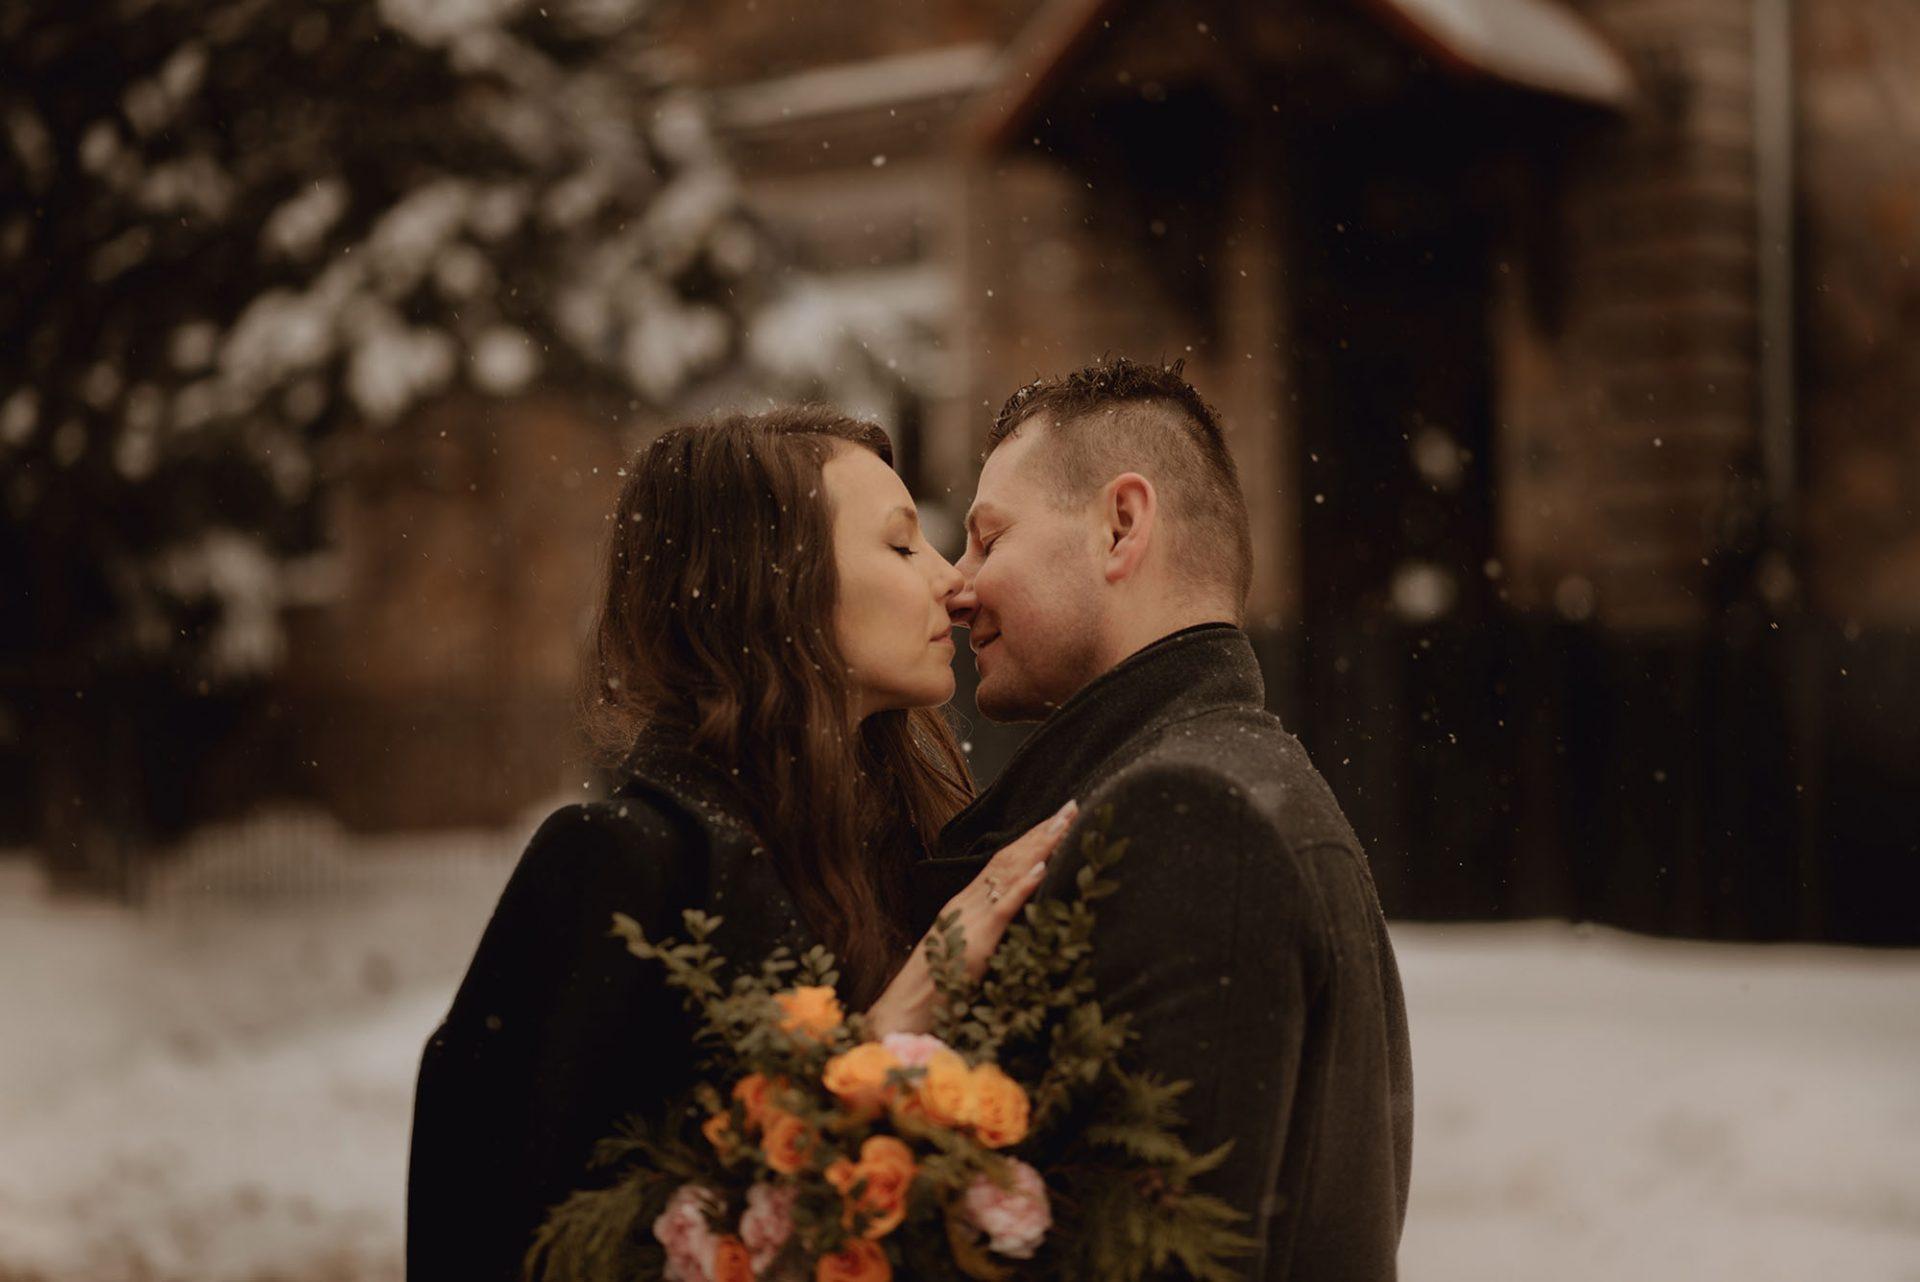 zimowa sesja dla pary00001 1920x1282 - Miłość